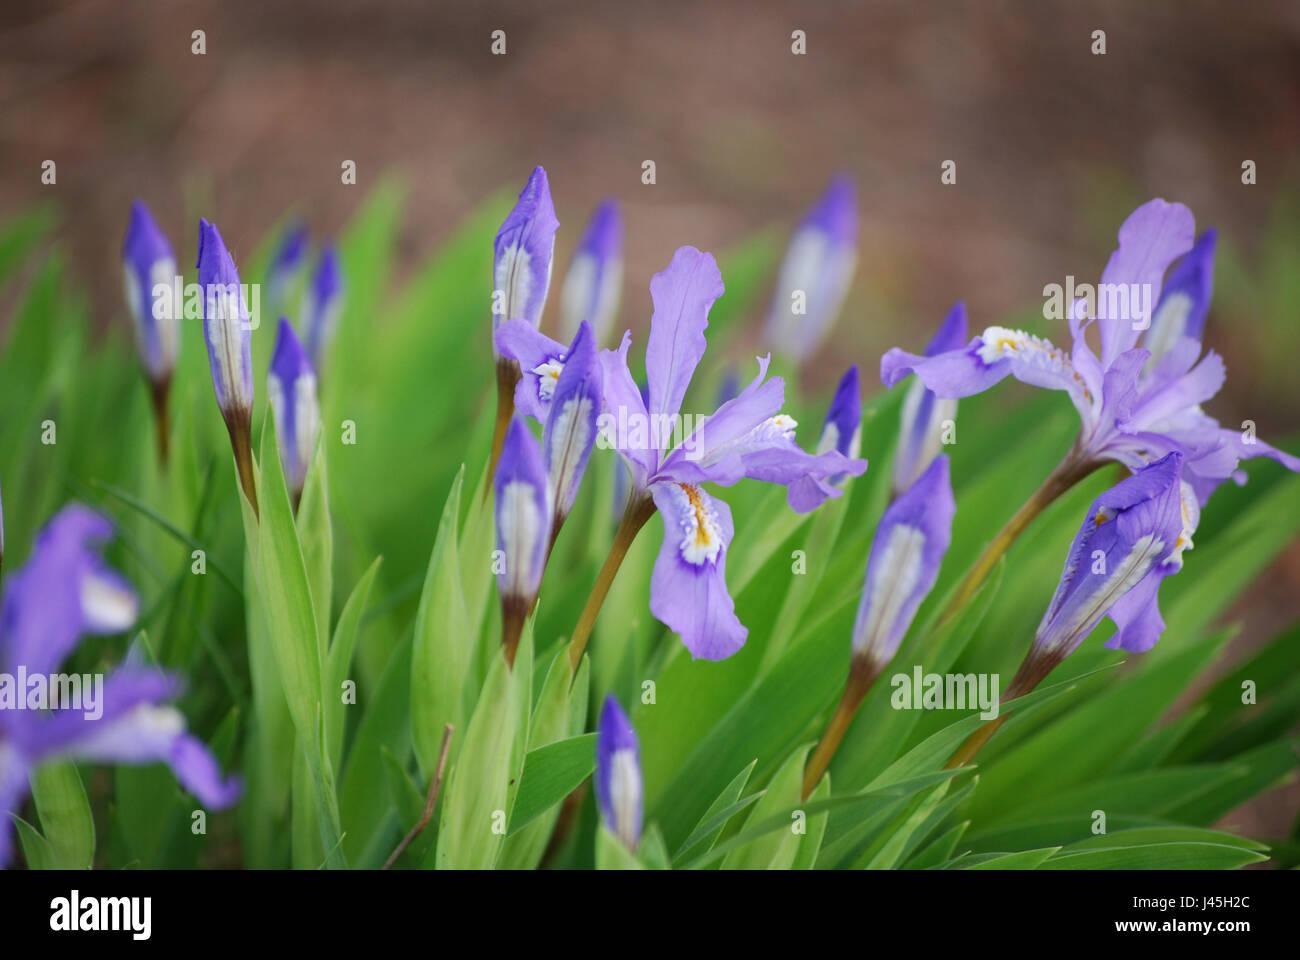 Flowering purple siberian iris flowers blooming in a garden stock flowering purple siberian iris flowers blooming in a garden izmirmasajfo